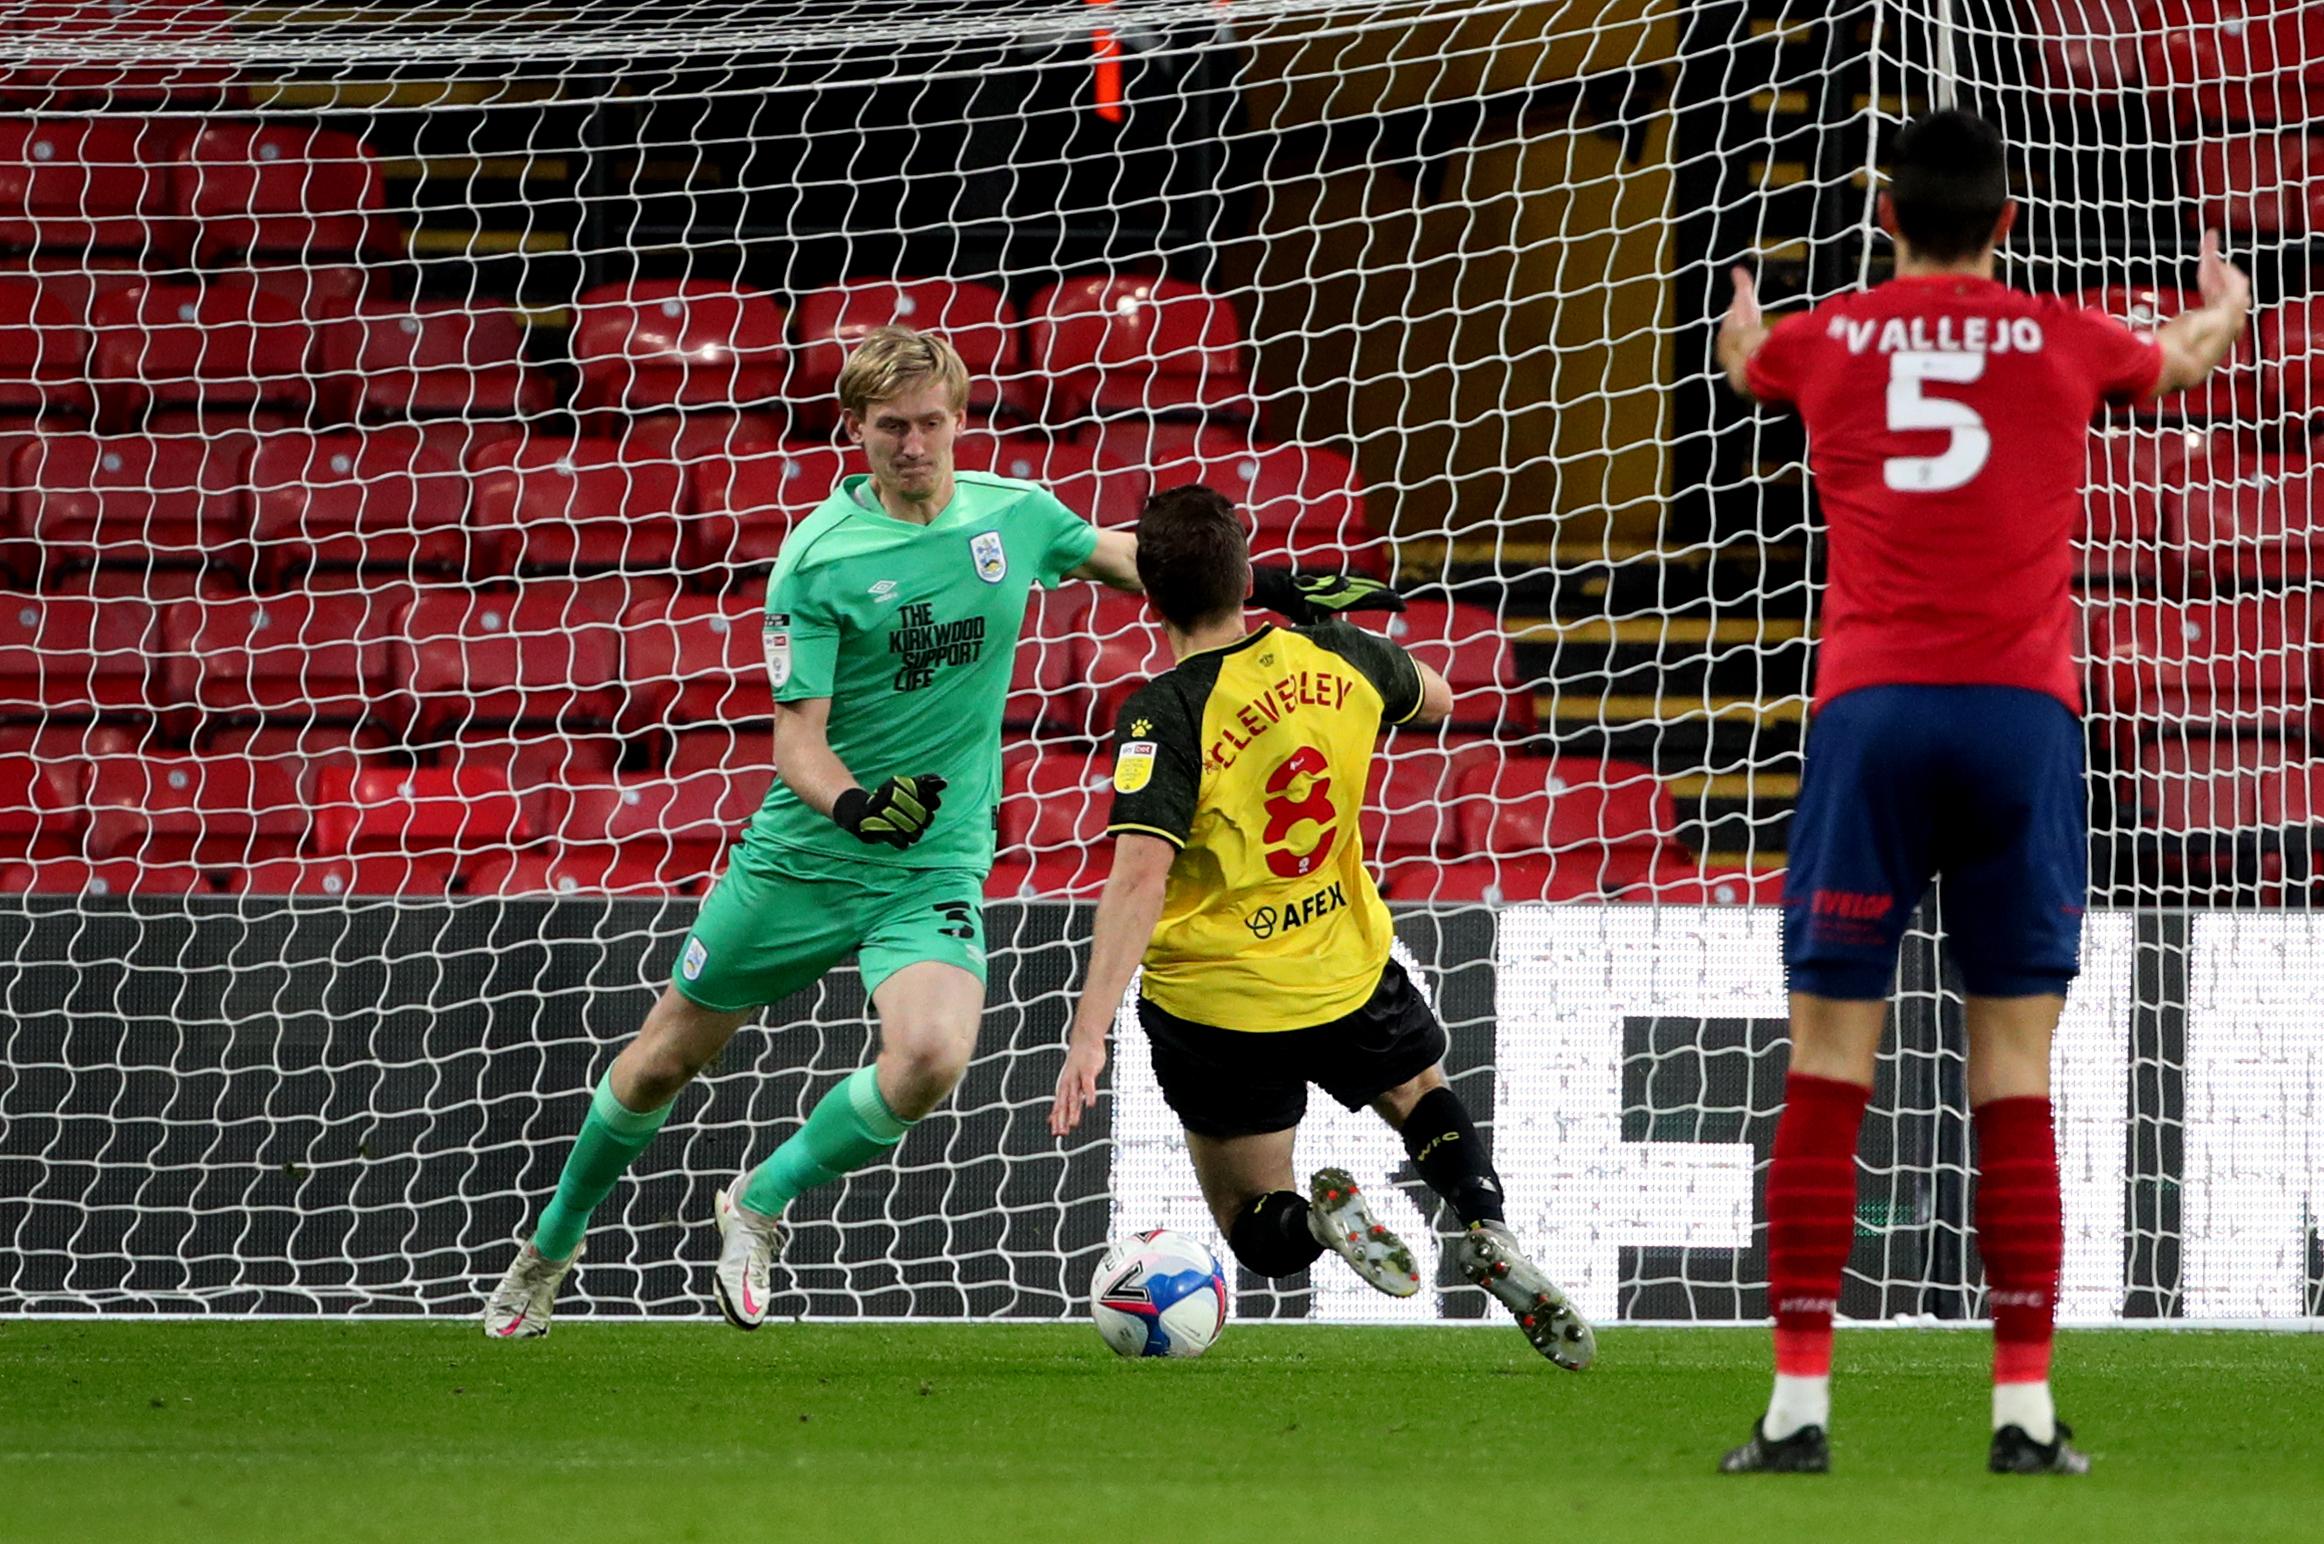 Watford beat Huddersfield Town at home